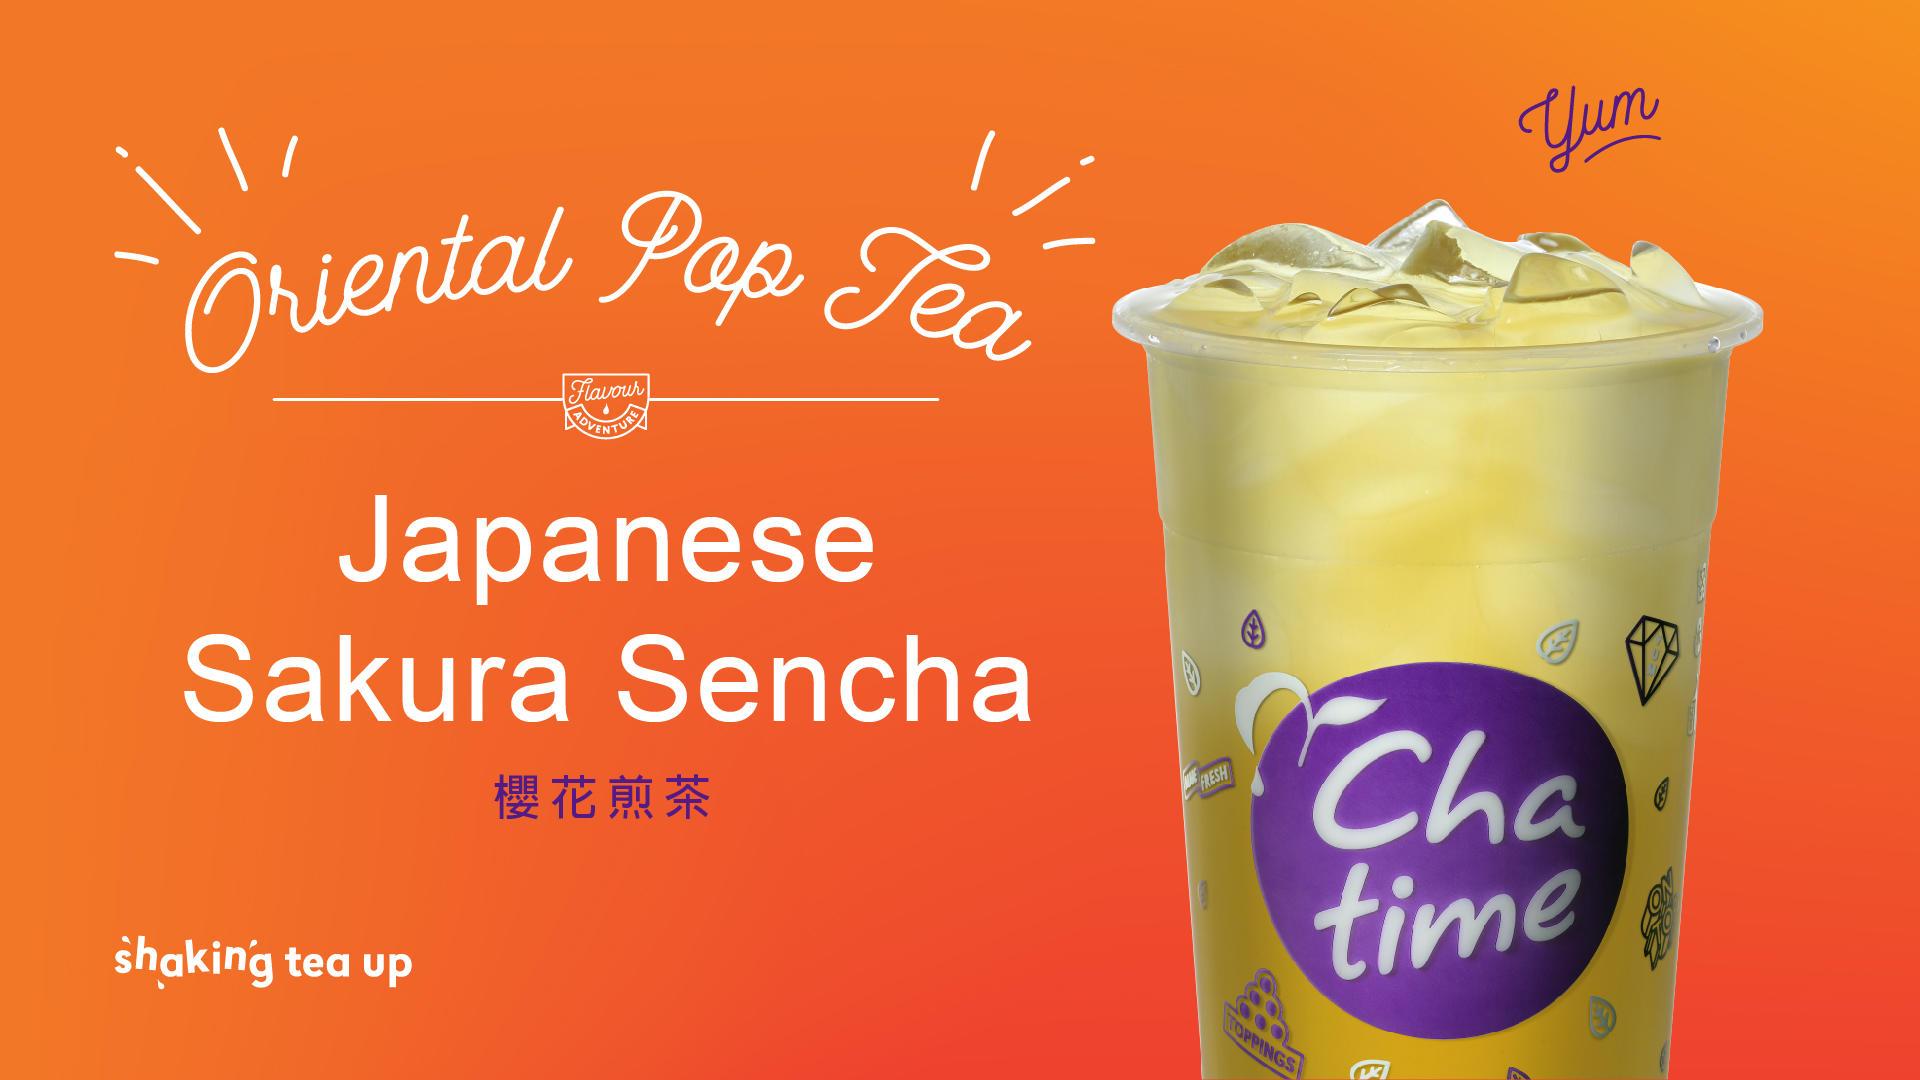 Chatime Bubble Tea & Slurping Noodles image 74